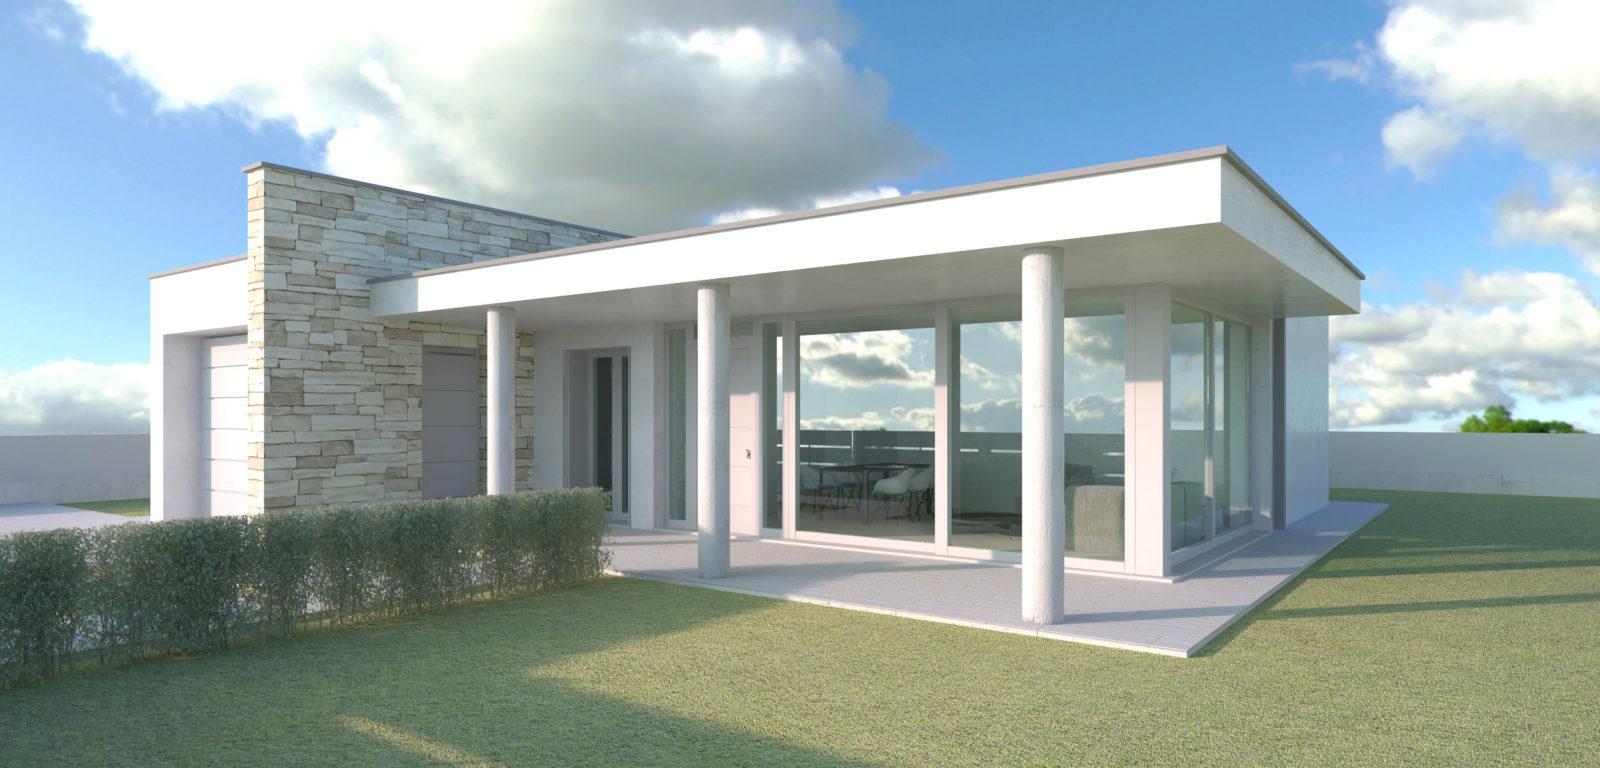 Doser parma real estate e architettura for Progetto ville moderne nuova costruzione